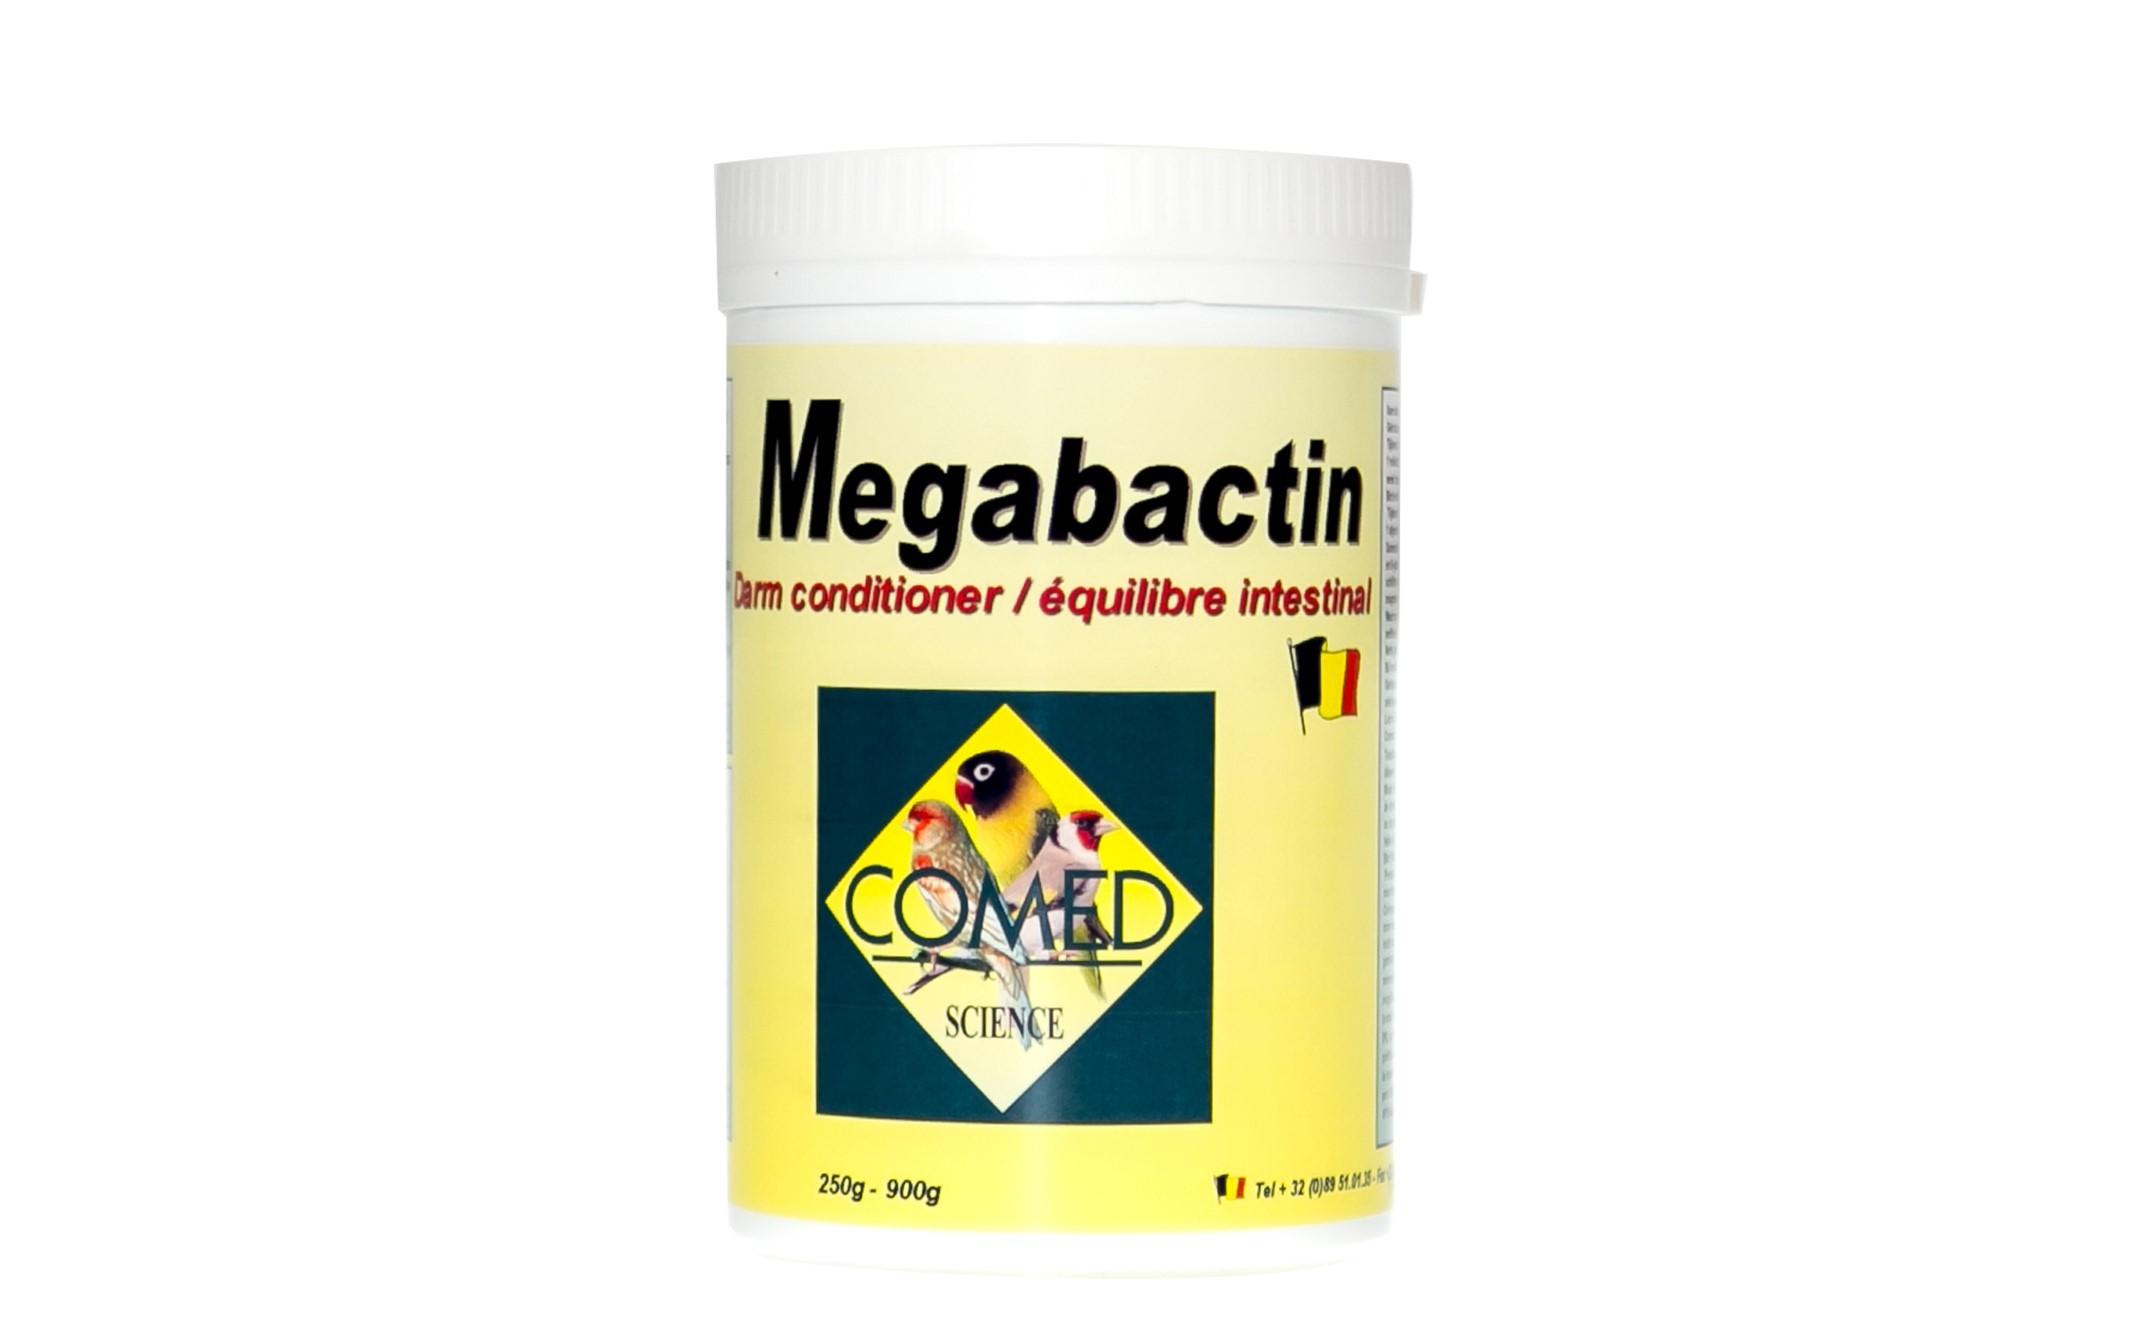 Comed Megabactin 250 gram